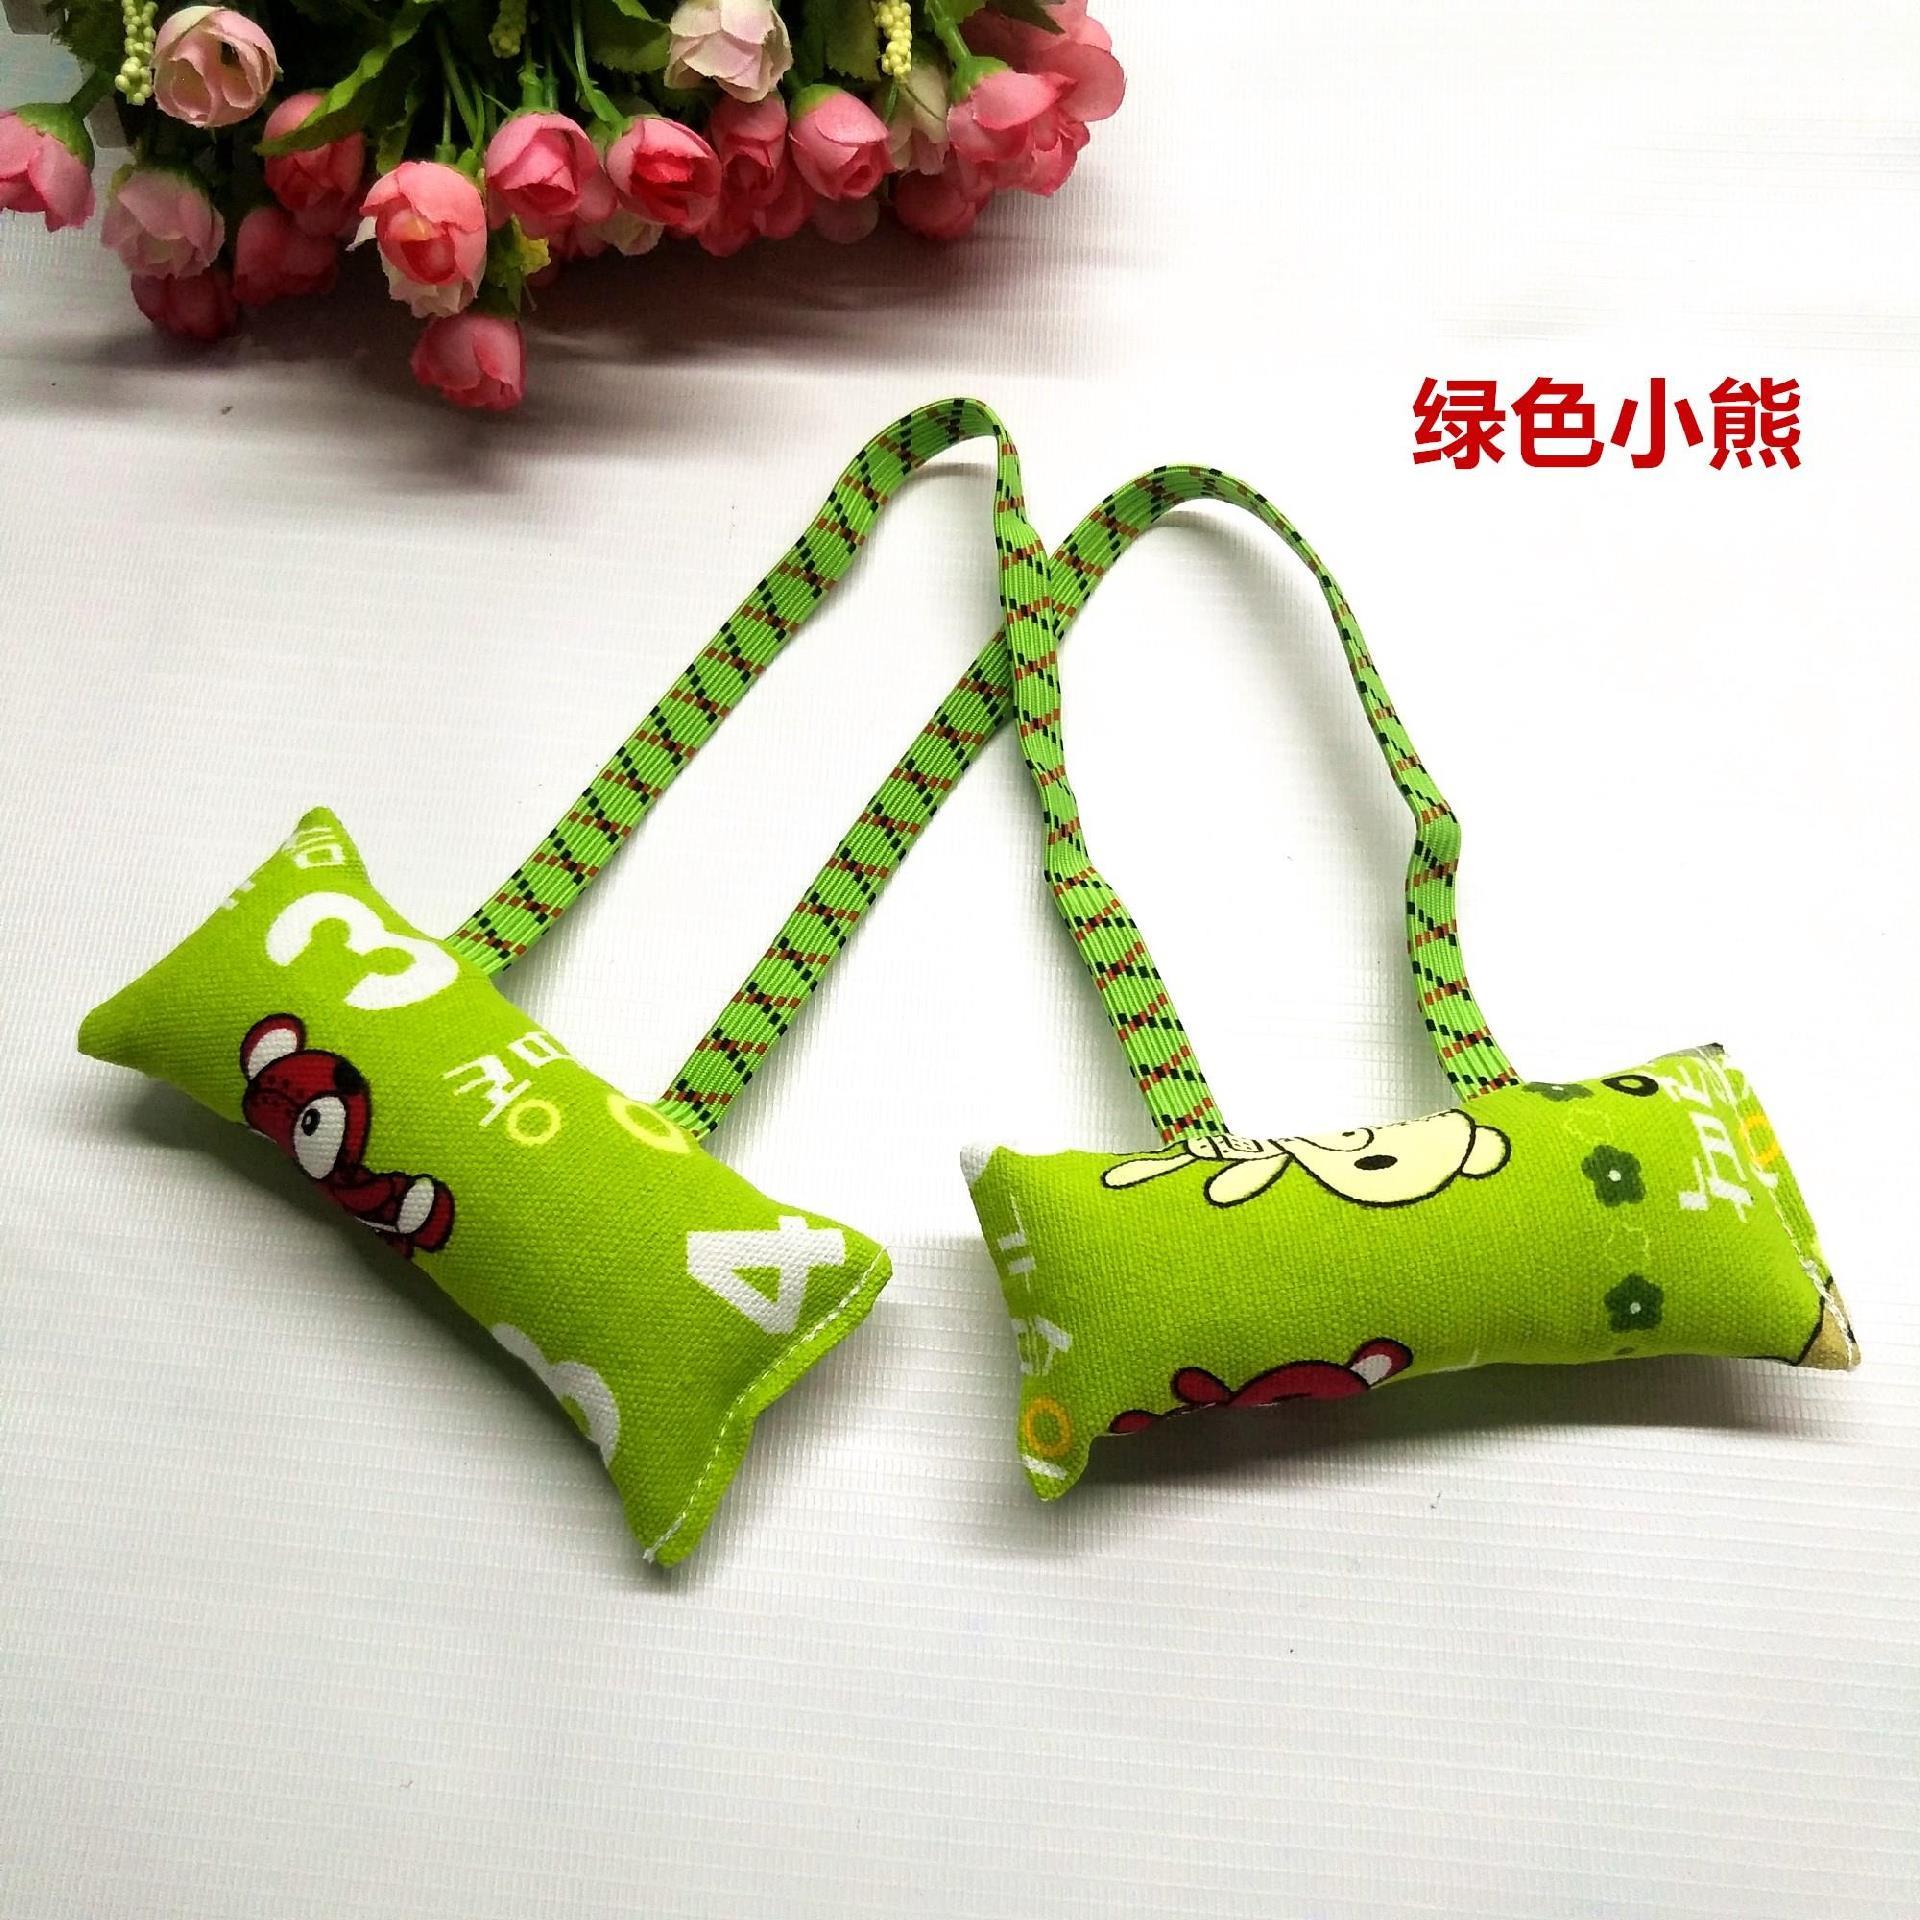 Детские игрушки / Товары для активного отдыха Артикул 627068742858